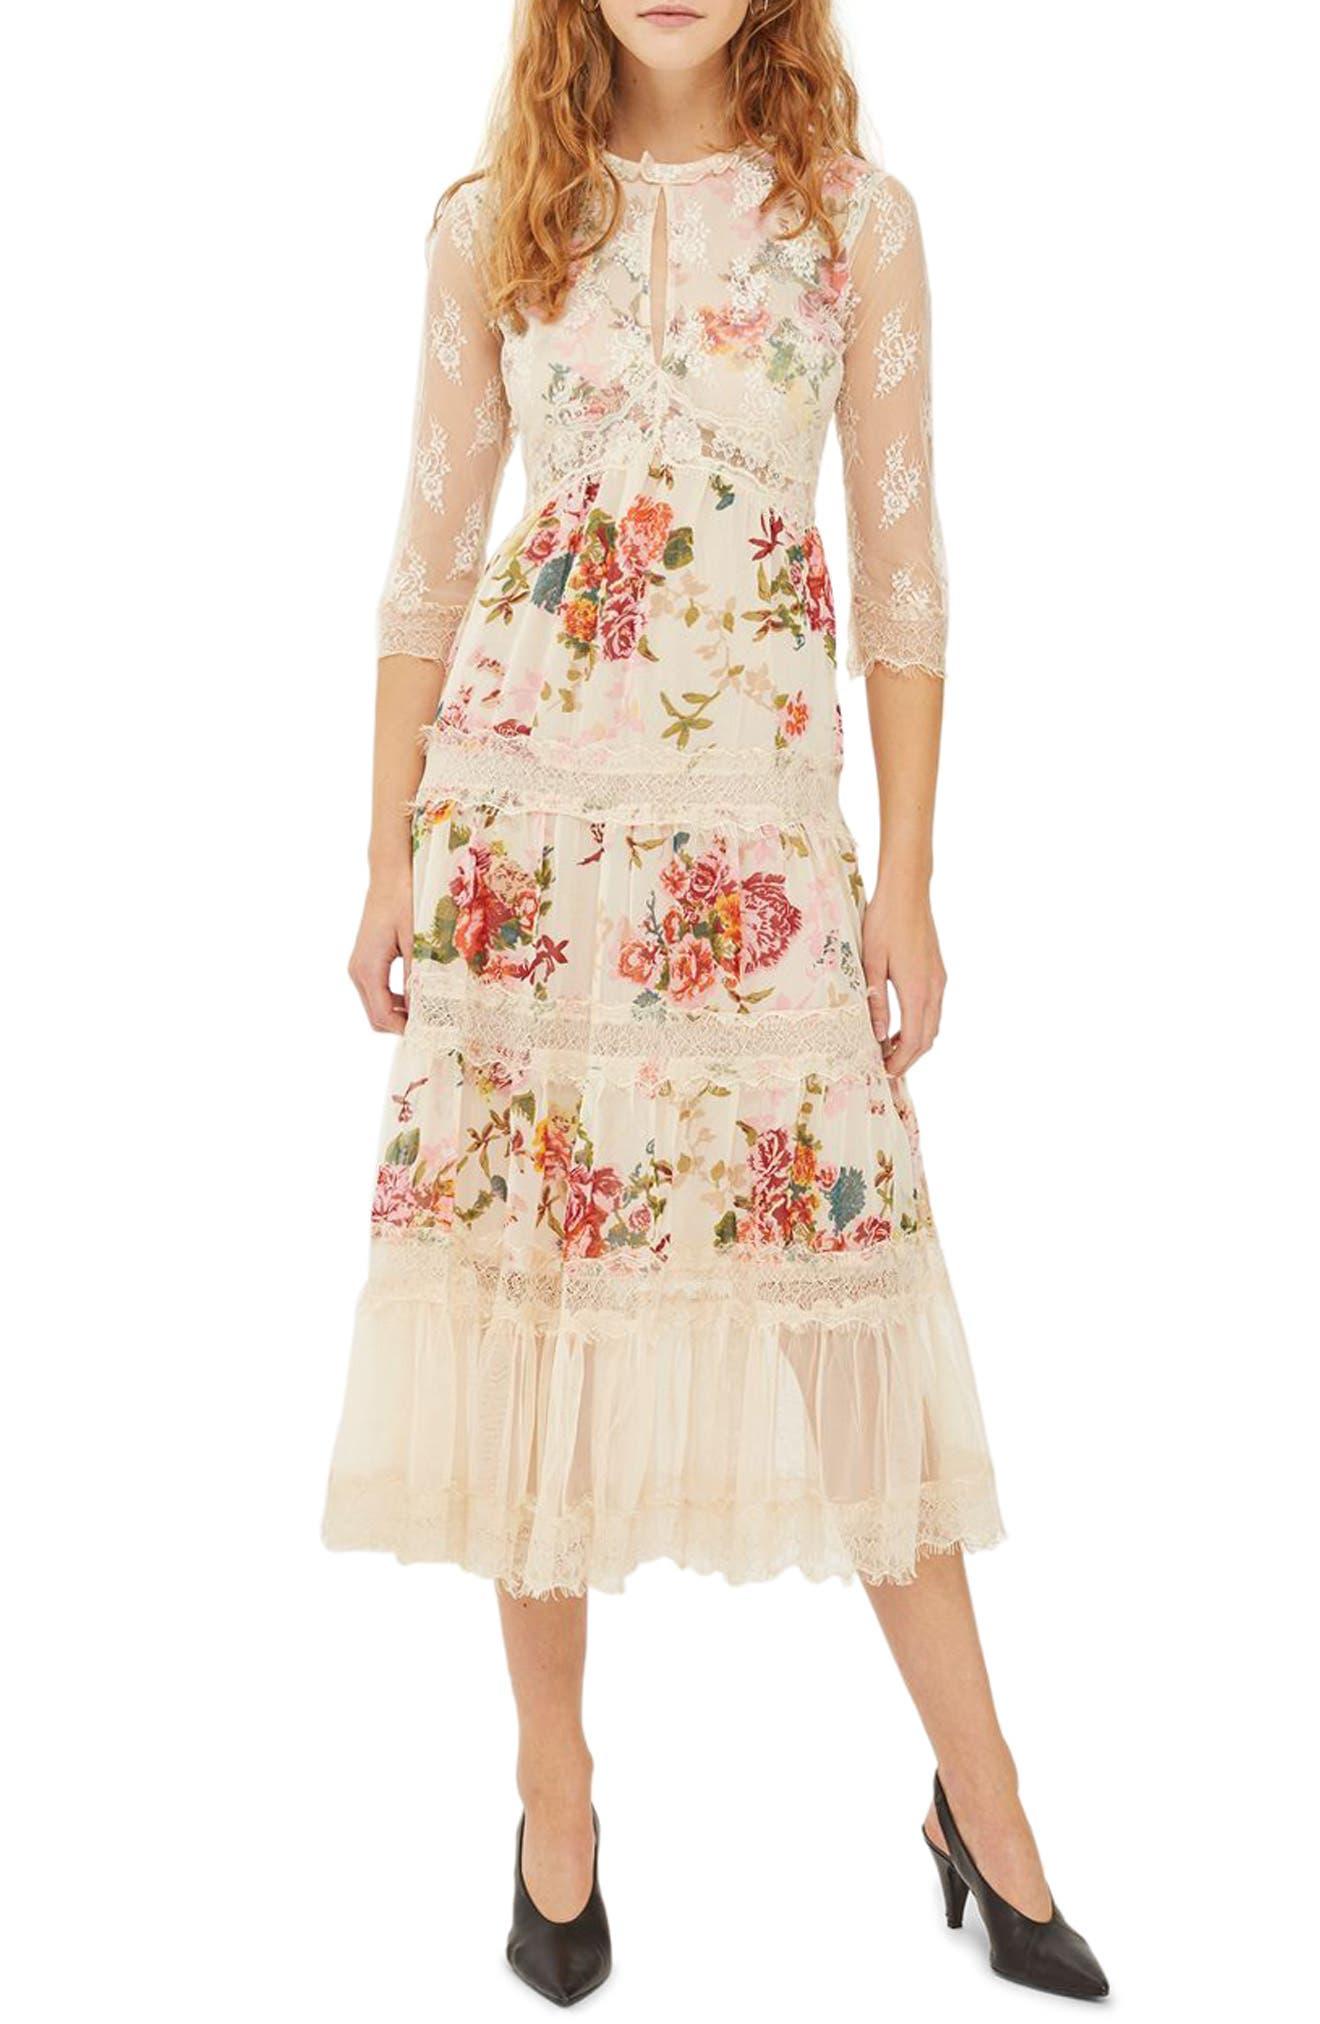 Lace Tier Floral Midi Dress,                             Main thumbnail 1, color,                             900